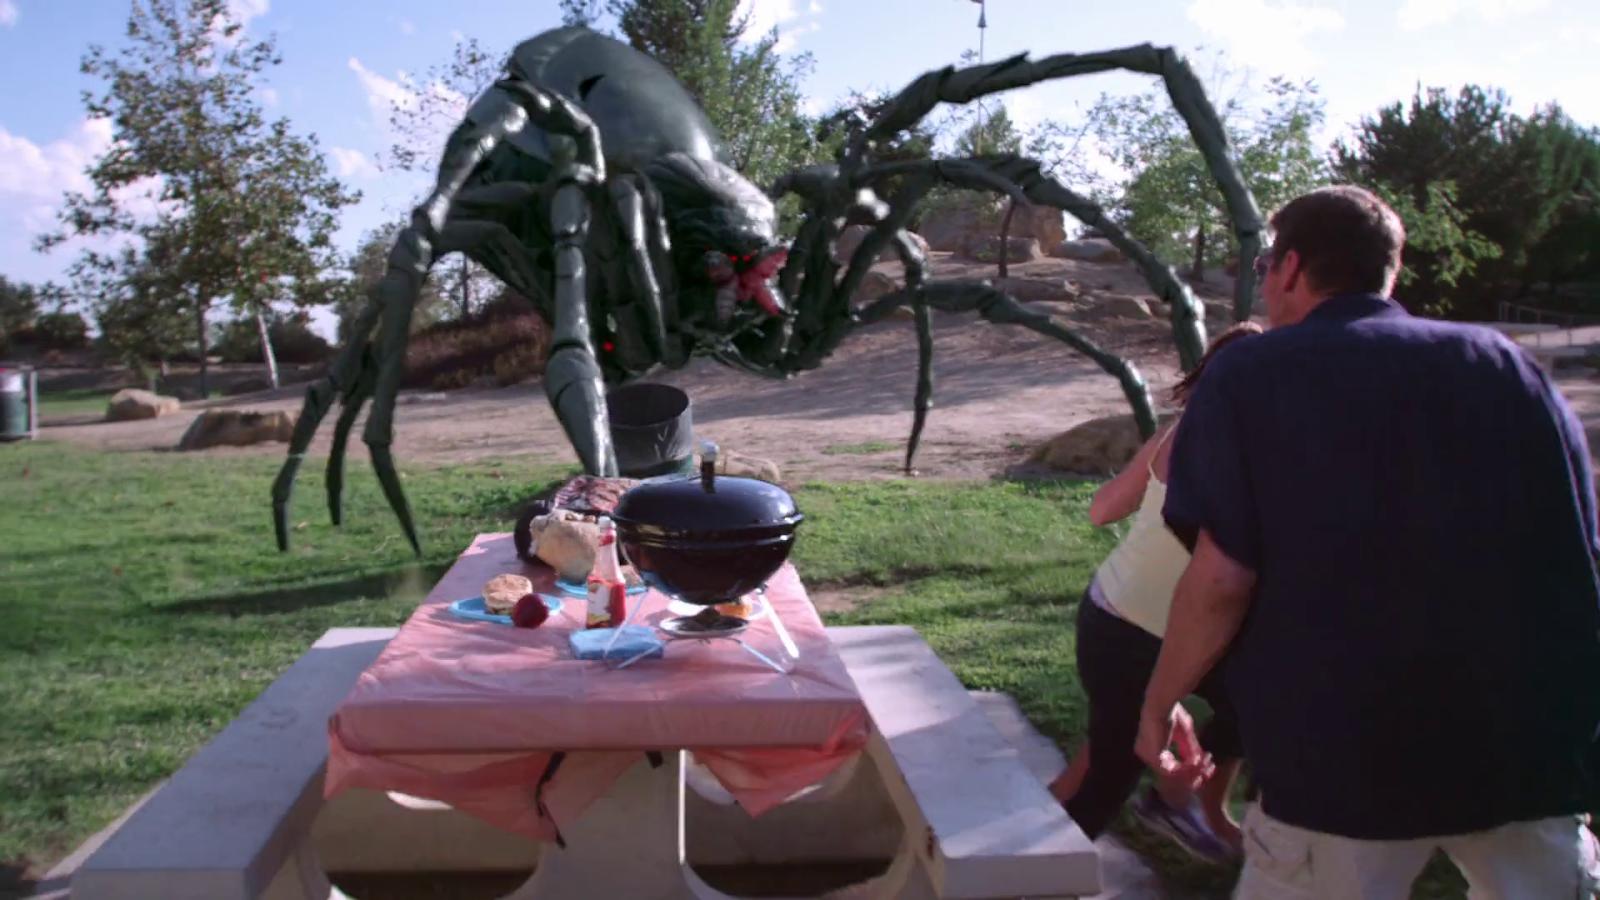 Big ass spider cast